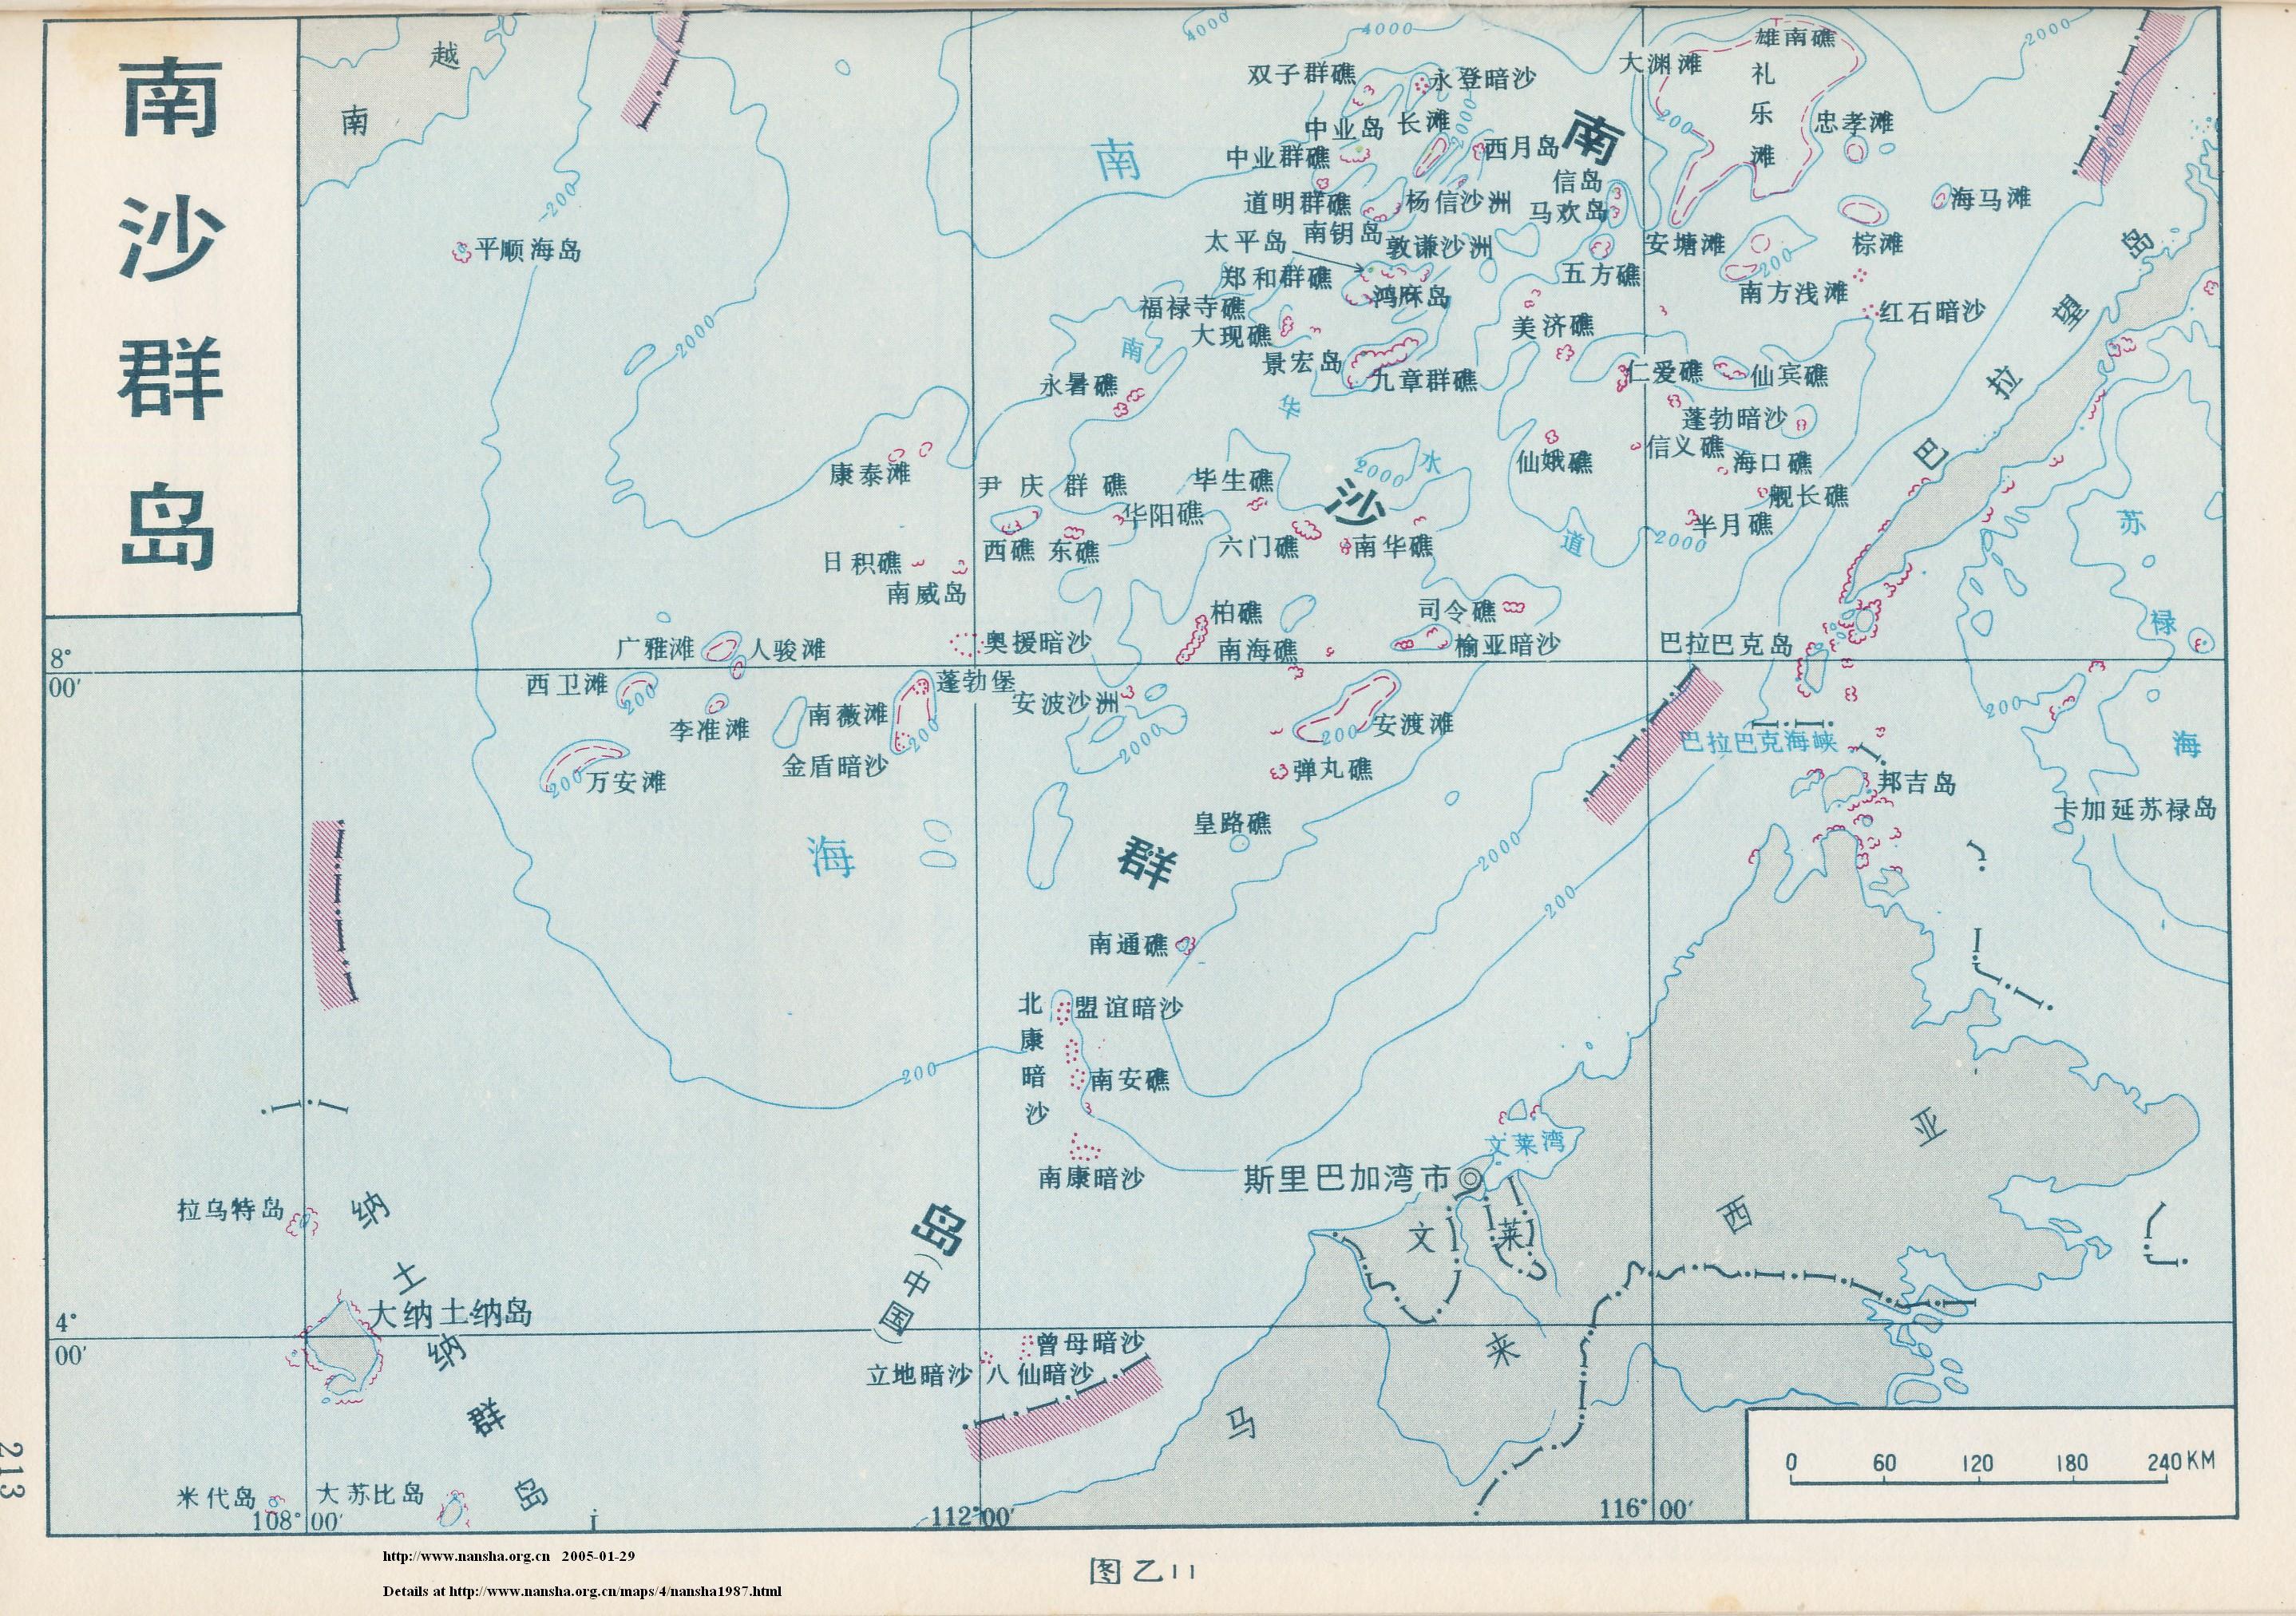 越南与中国双万在南沙群岛的归属问题上本来并不存在争议,在1974年以前,越南方面无论在政府的声明、照会中,还是在报刊、地图和教科书中,都正式承认西沙群岛和南沙群岛是中国领土。可是自1974年后,越南自食其言,态度发生了根本变化。1975年4月越南在解放西贡的同时,占领了原西贡政权占据的南沙6个岛屿;5月越南报纸刊登越南全国地图,把我国南沙群岛划人其版图,并改名为长沙群岛。1982年12月,成立长沙县,划归同奈省管辖;后又划归庆和省。越南还于1979年9月和1982年1月先后发表白皮书,声称对我国西沙